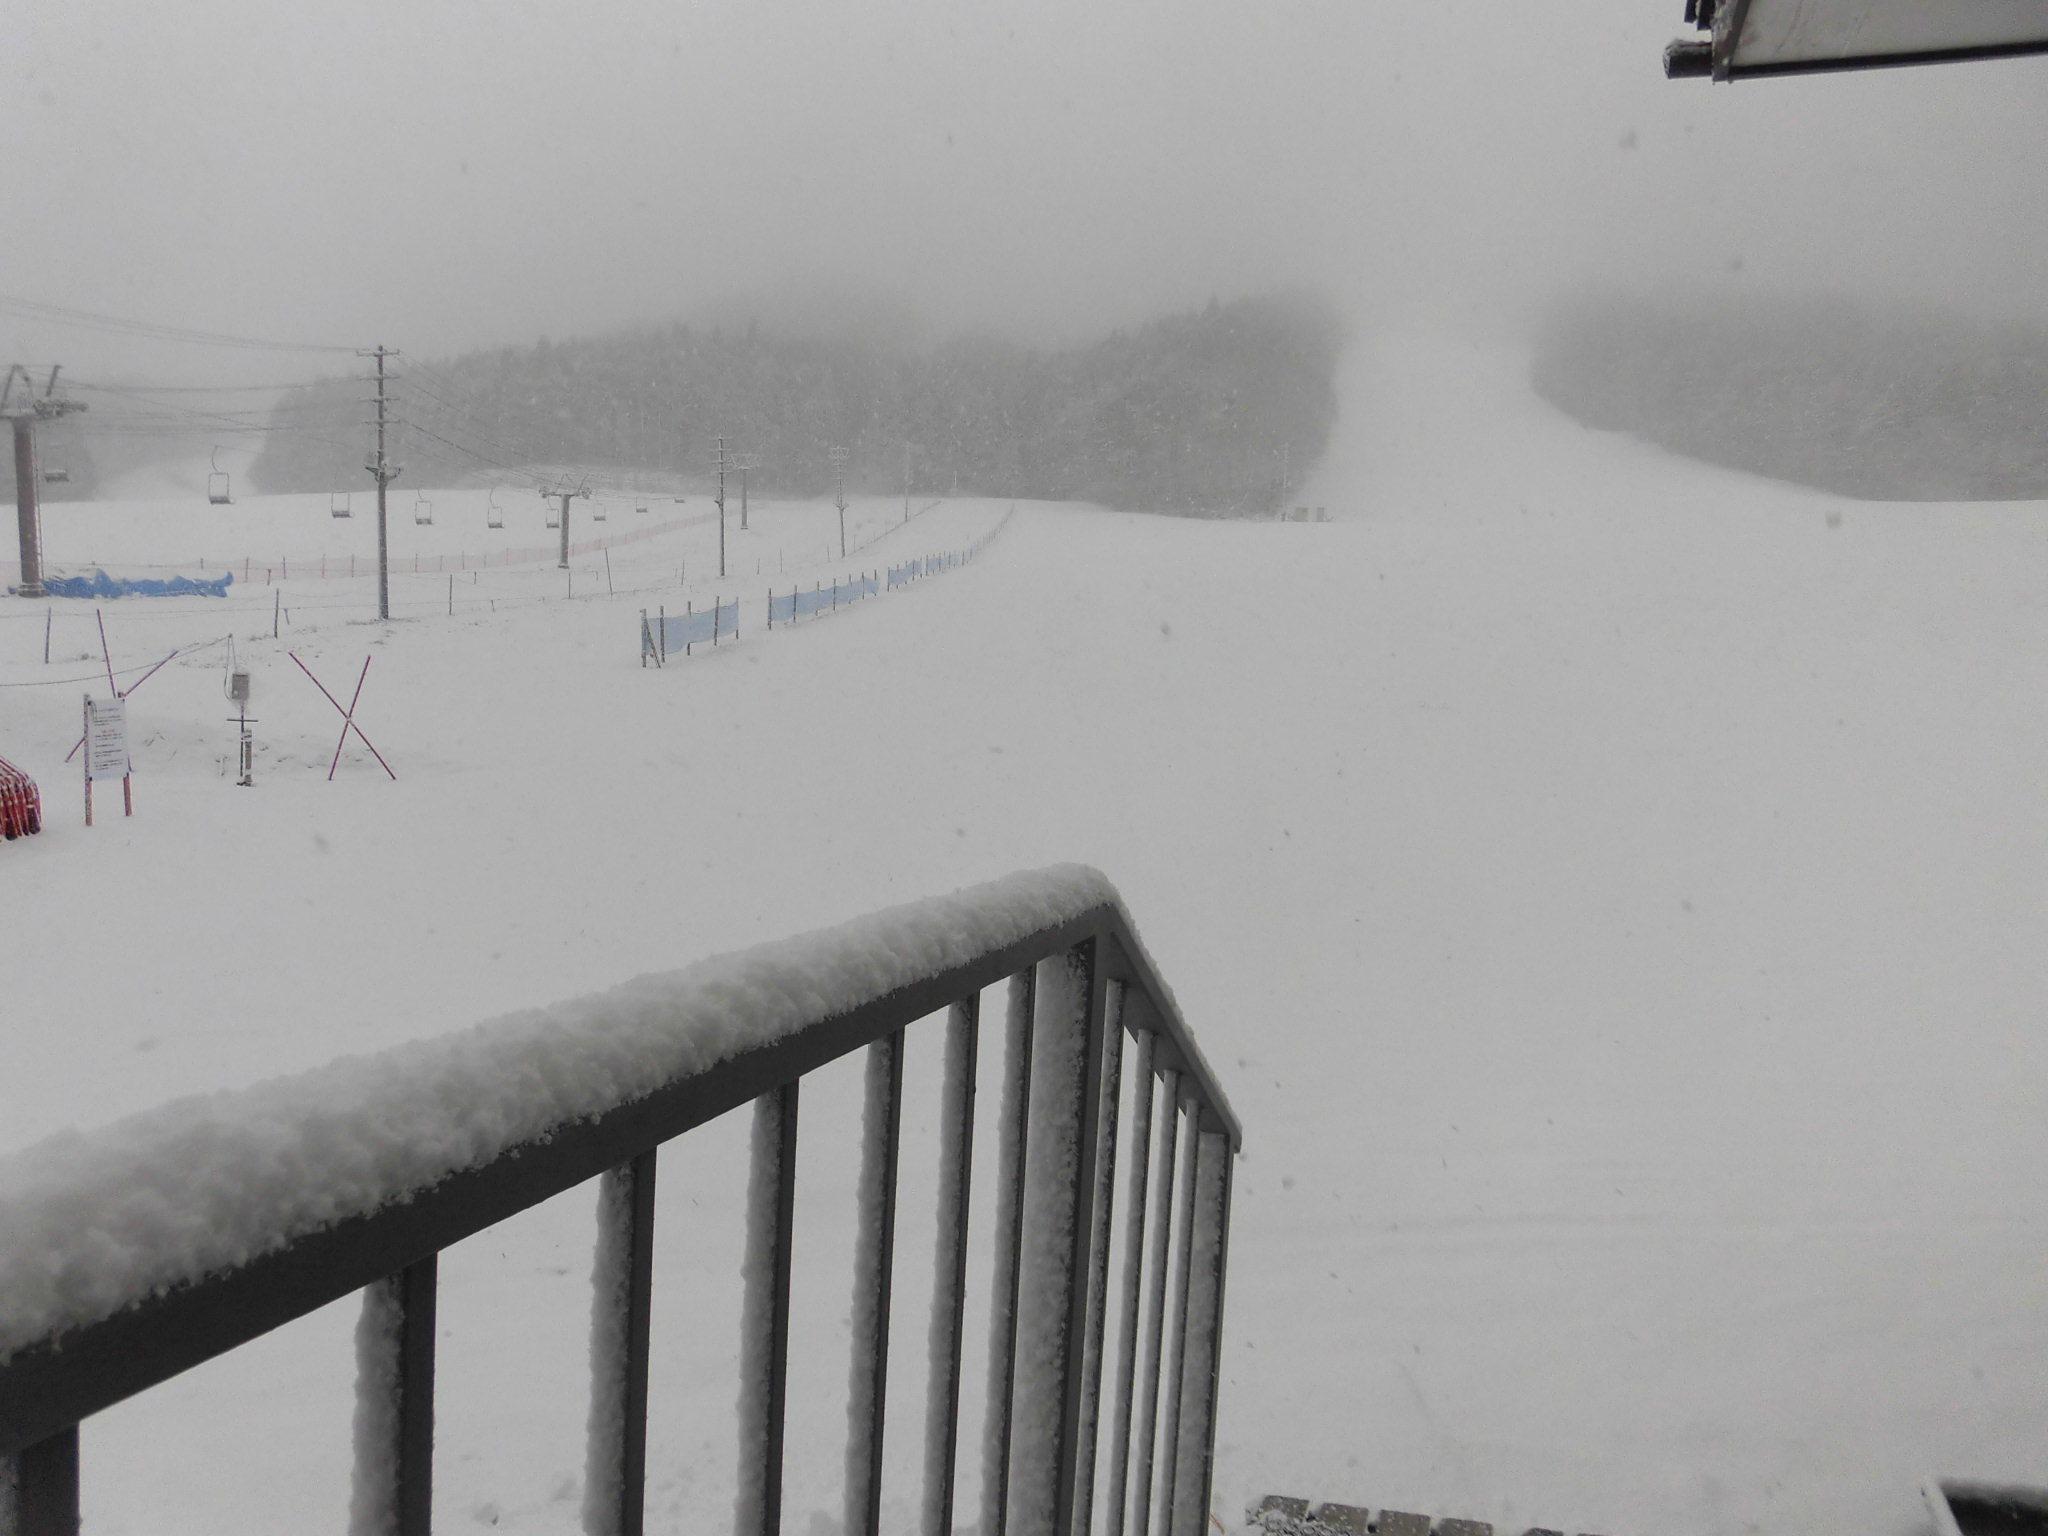 令和2年2月23日(日) 天気:雪 気温:-3℃ 積雪:15㎝ 滑走不能_e0306207_07573113.jpg